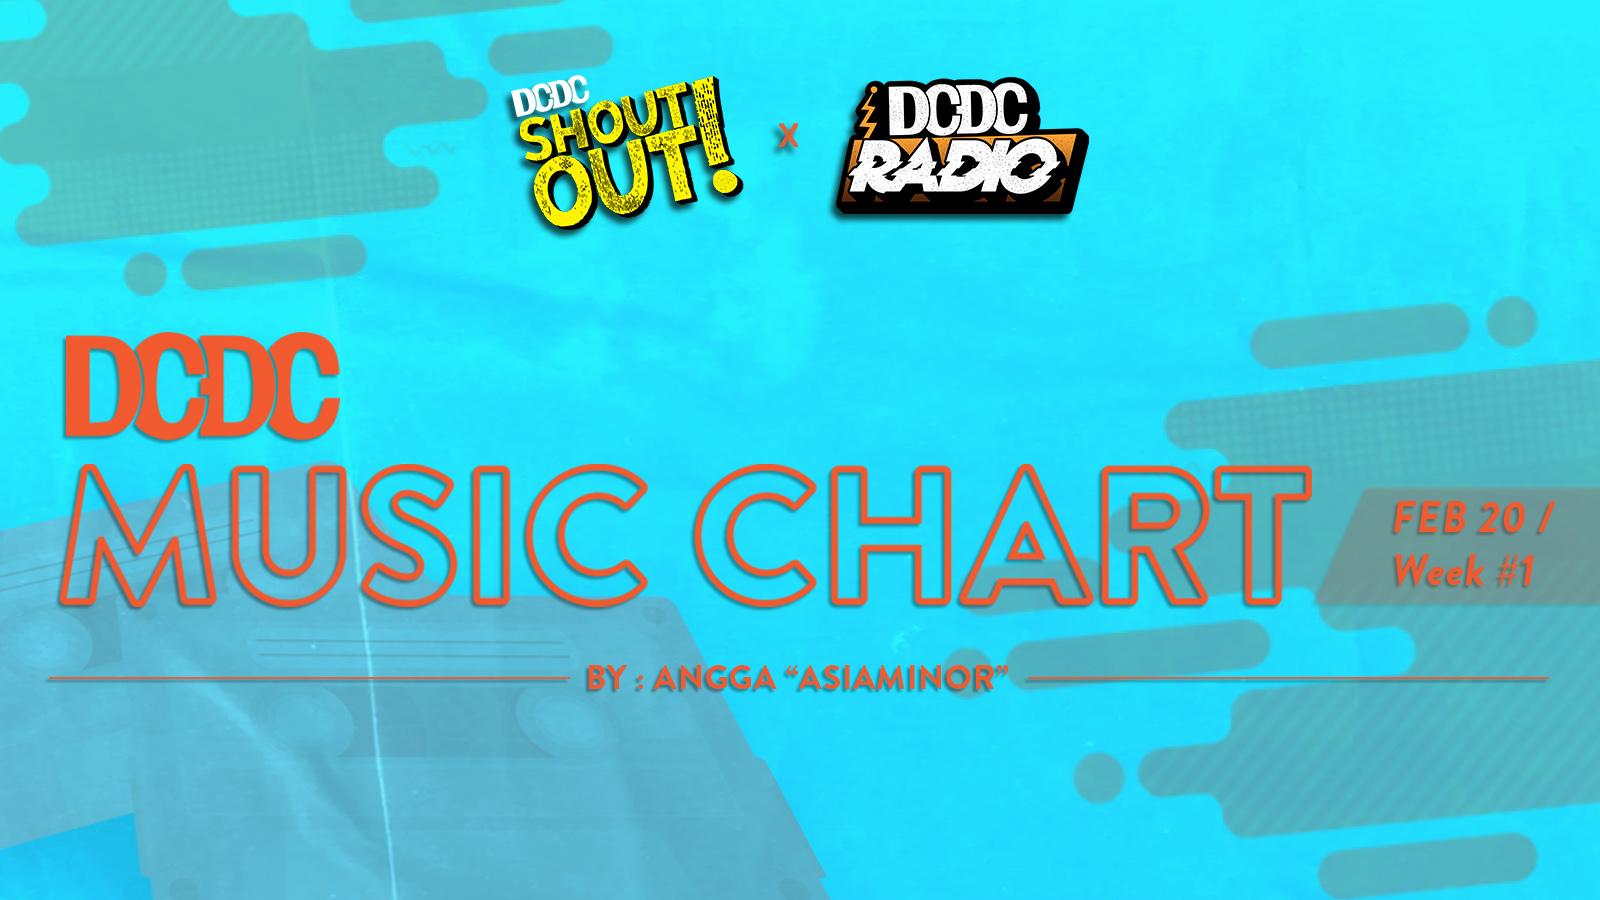 DCDC Music Chart - #1st Week of Februari 2020